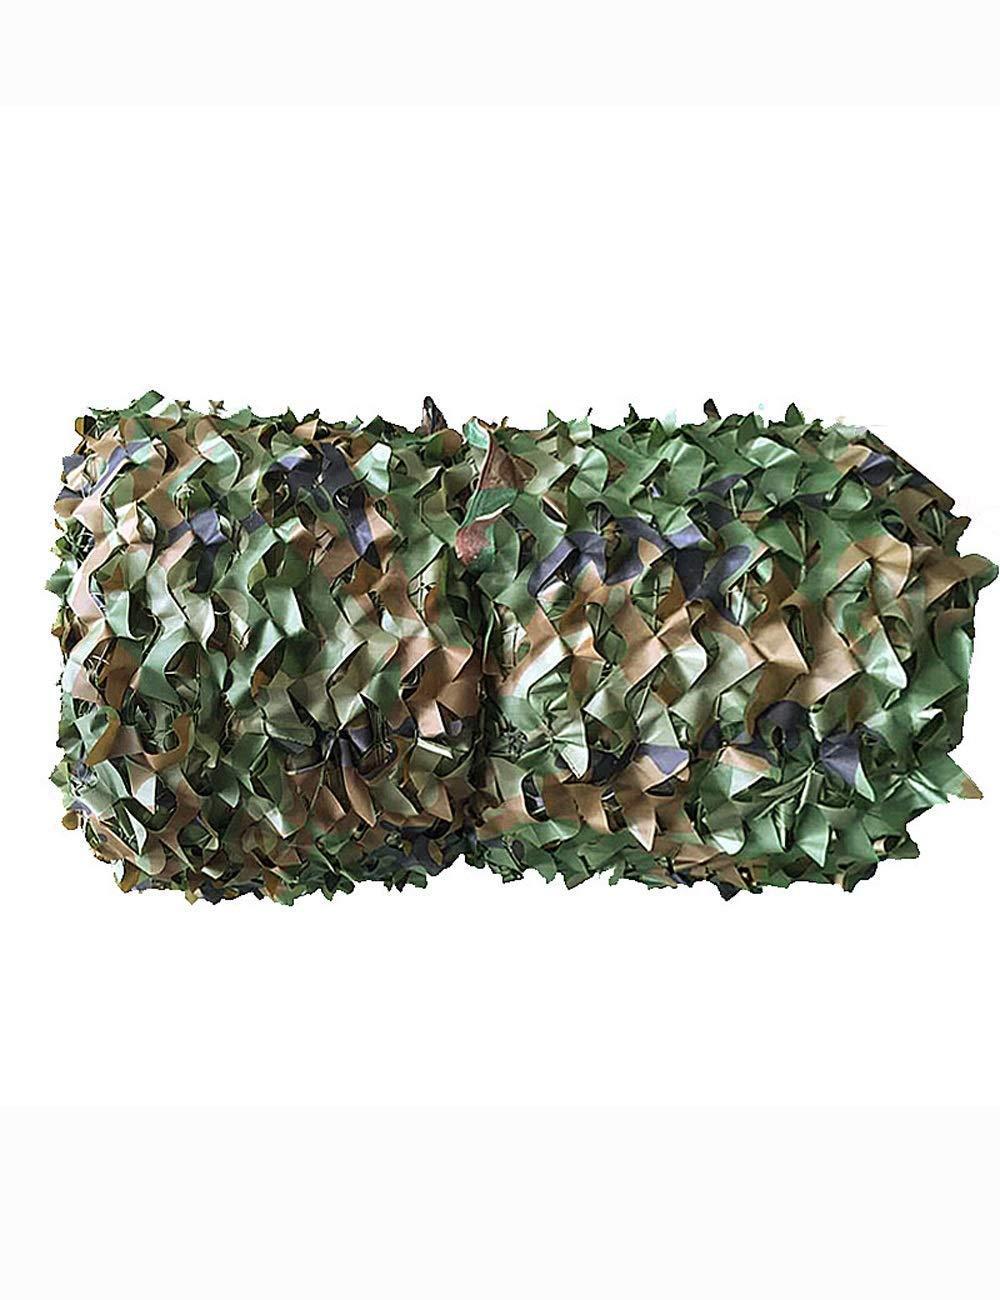 23m Filet de camouflage parasol multi-usage Mode Montagne Camouflage Net Jungle Camping Camping Décoration de fête Parasol extérieur Multi-taille en option (Taille  6  6m) BÂche AI LI WEI ( Taille   23m )